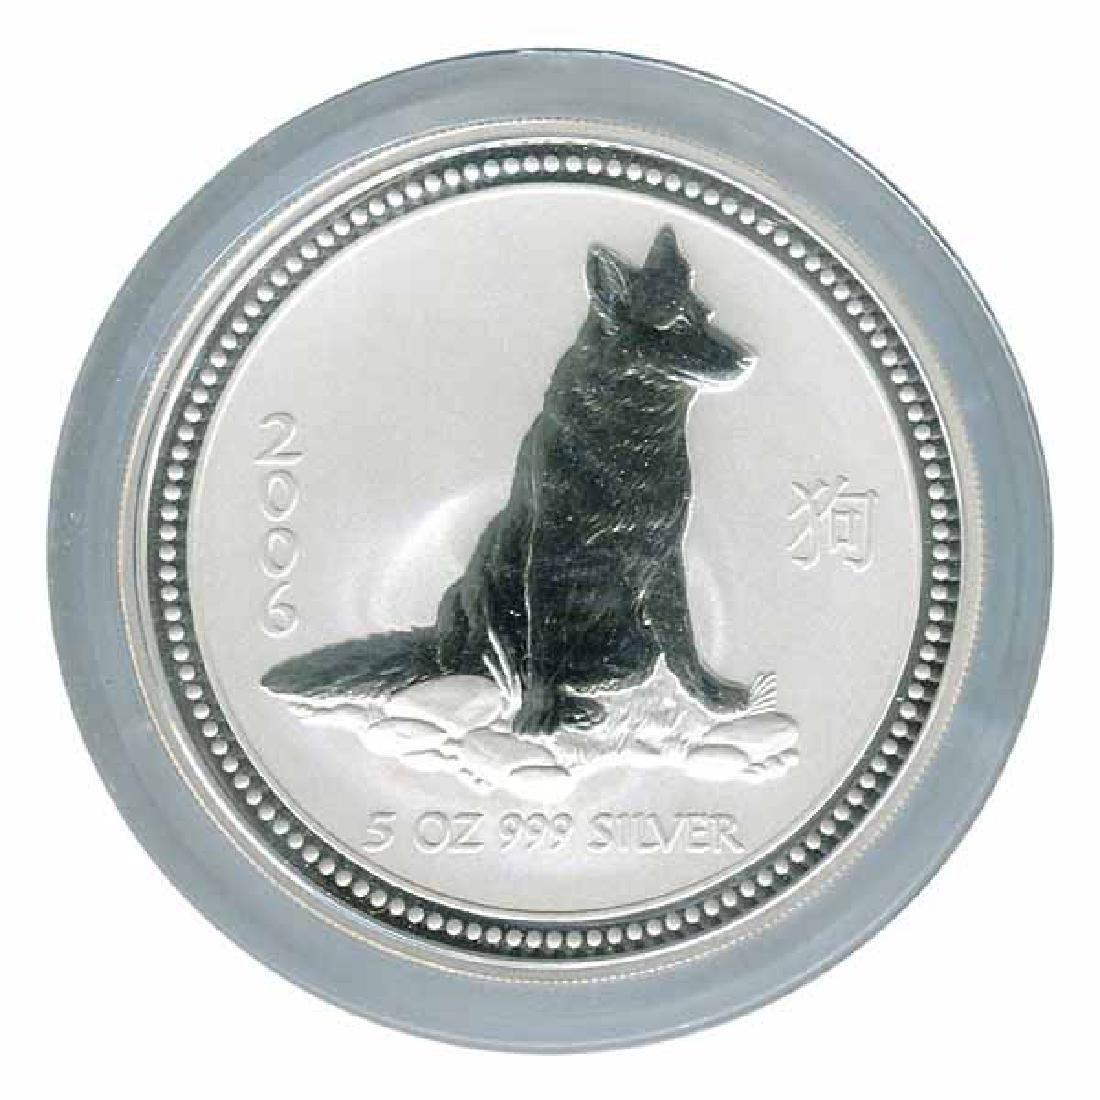 2006 Australia 5 oz Silver Lunar Dog